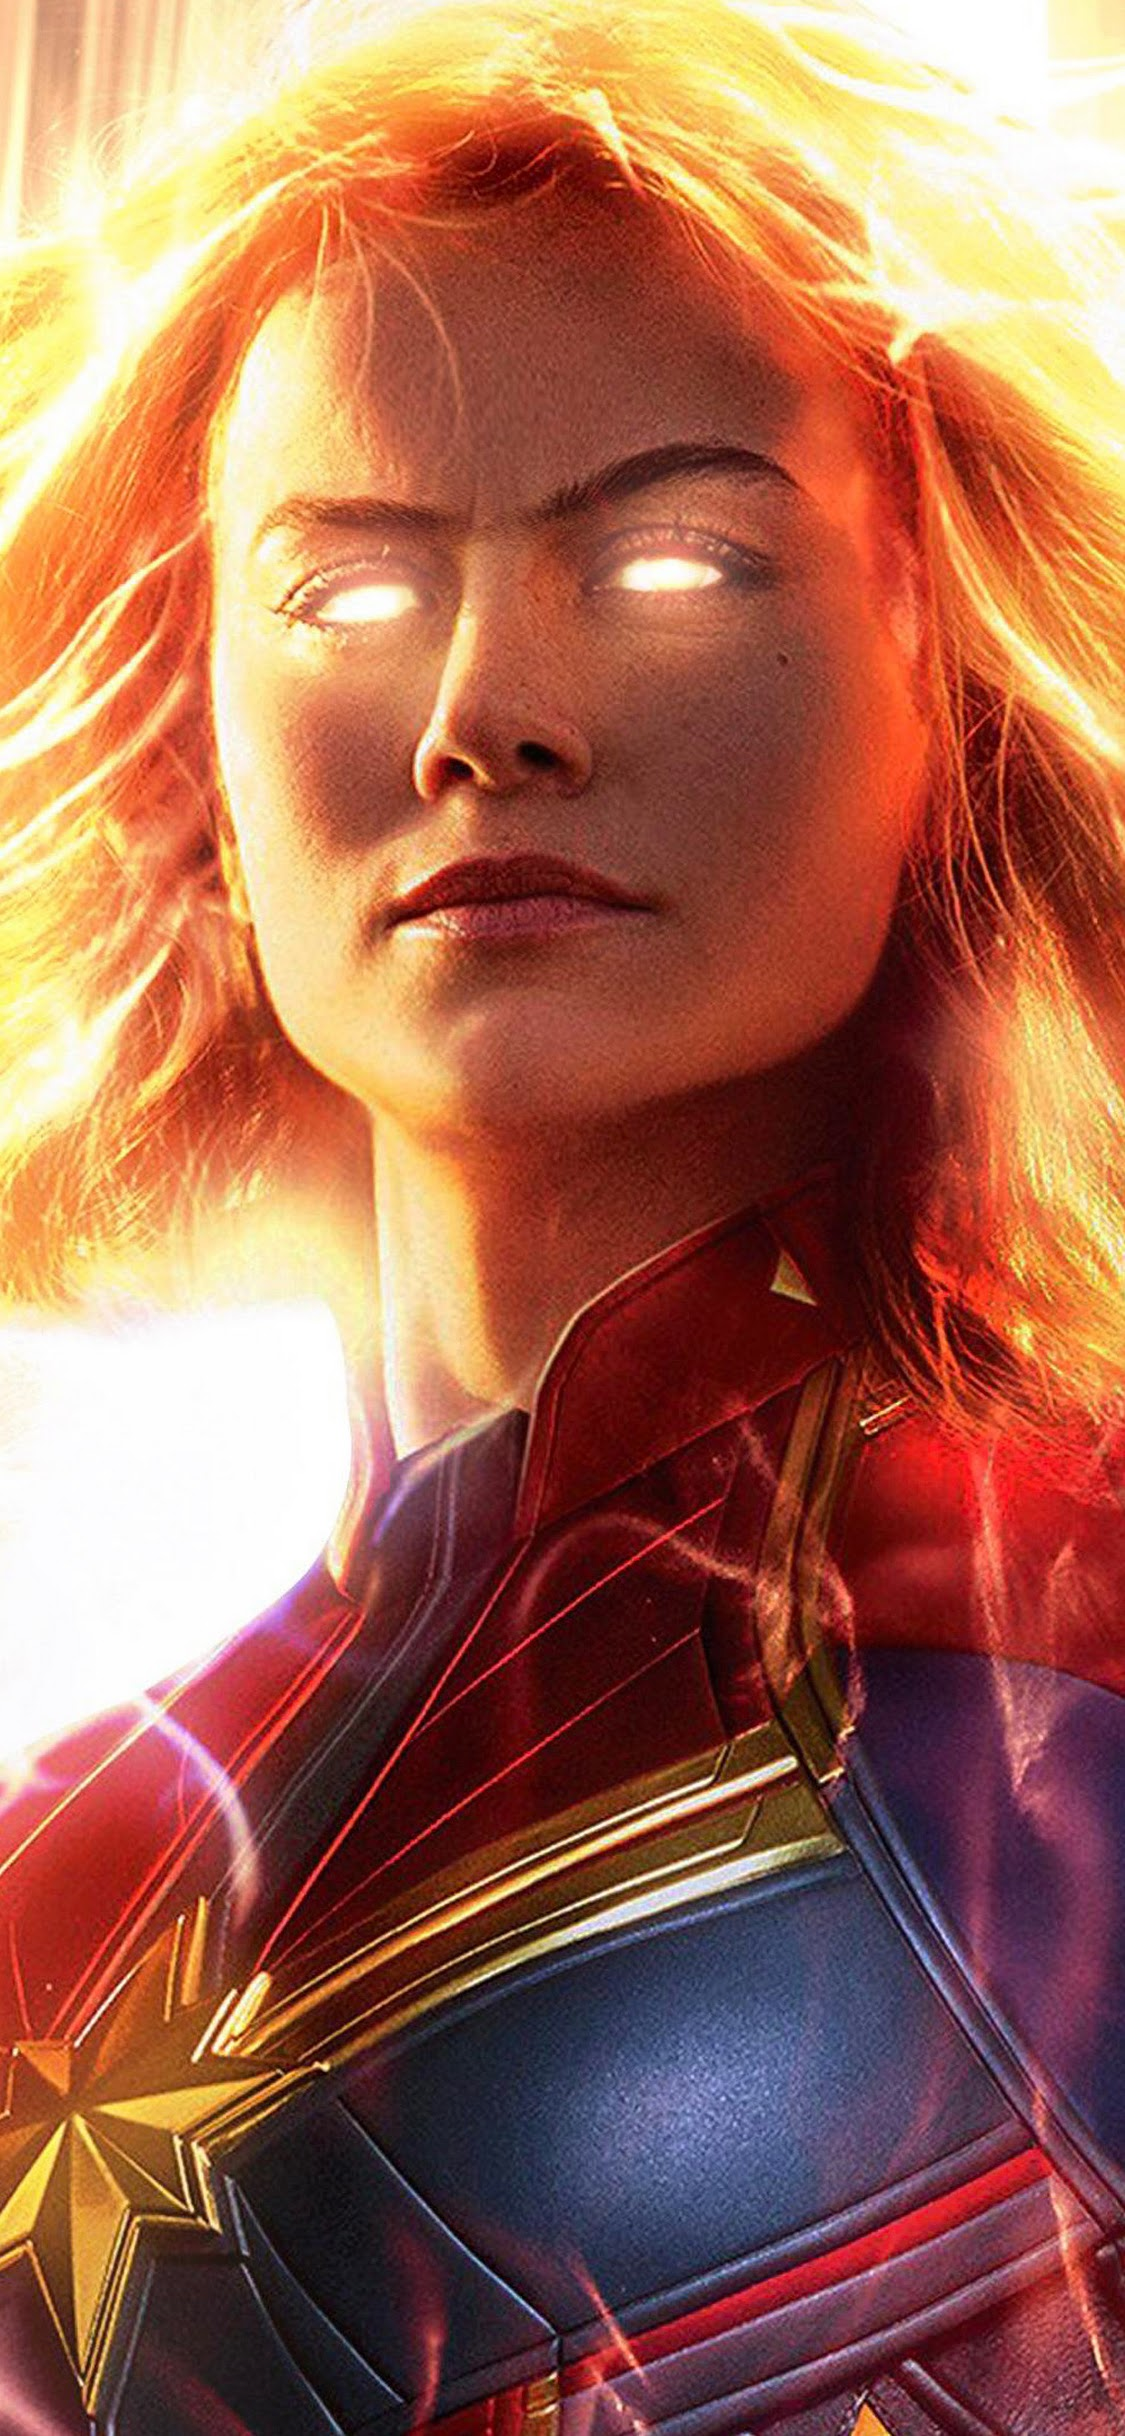 Captain Marvel Movie Brie Larson 4k Wallpaper 2